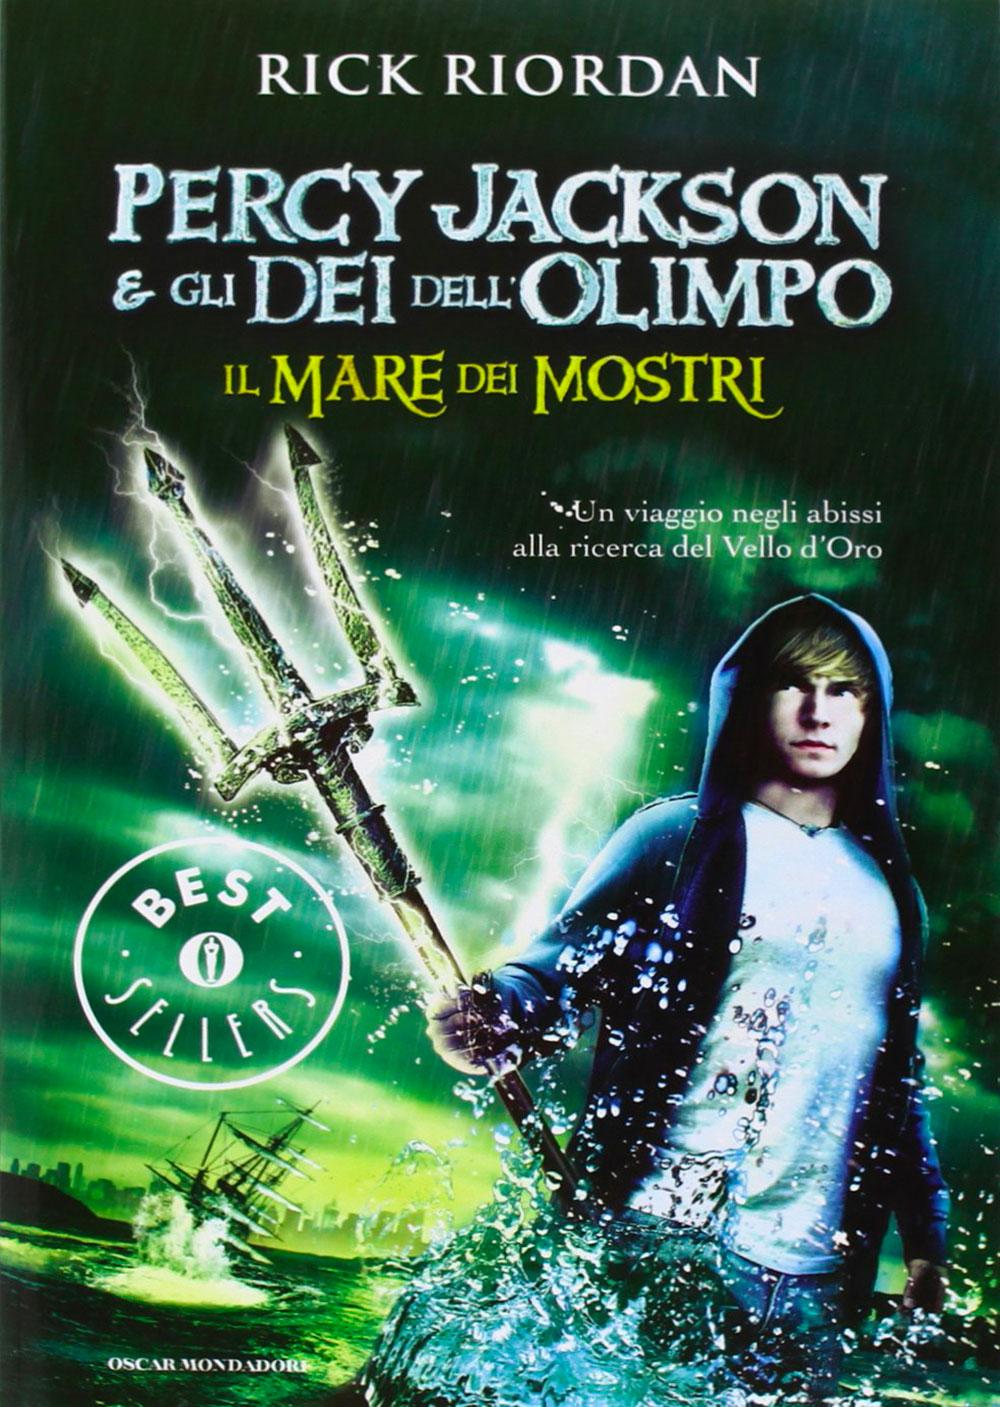 Percy Jackson e gli dei dell'Olimpo 2. Il mare dei mostri